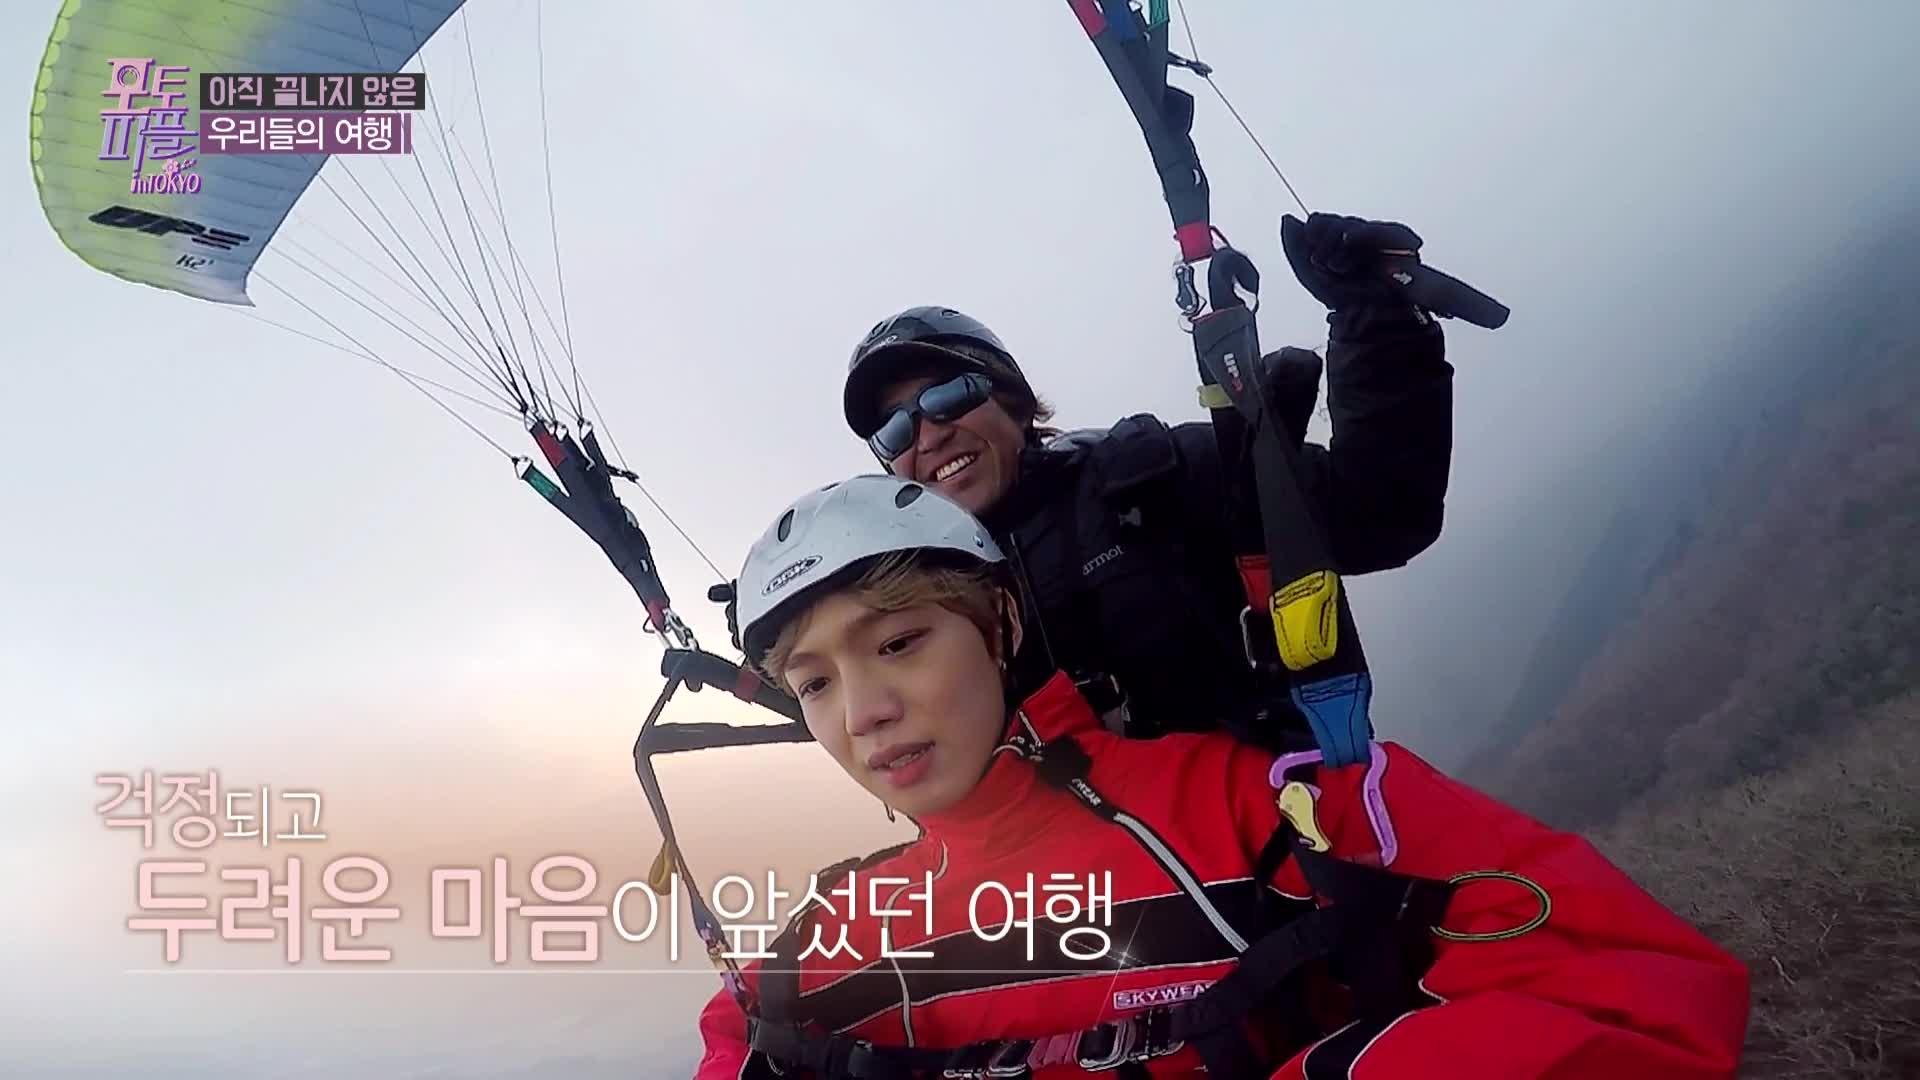 [선공개] 임영민, 하늘을 날며 고백한 진심?